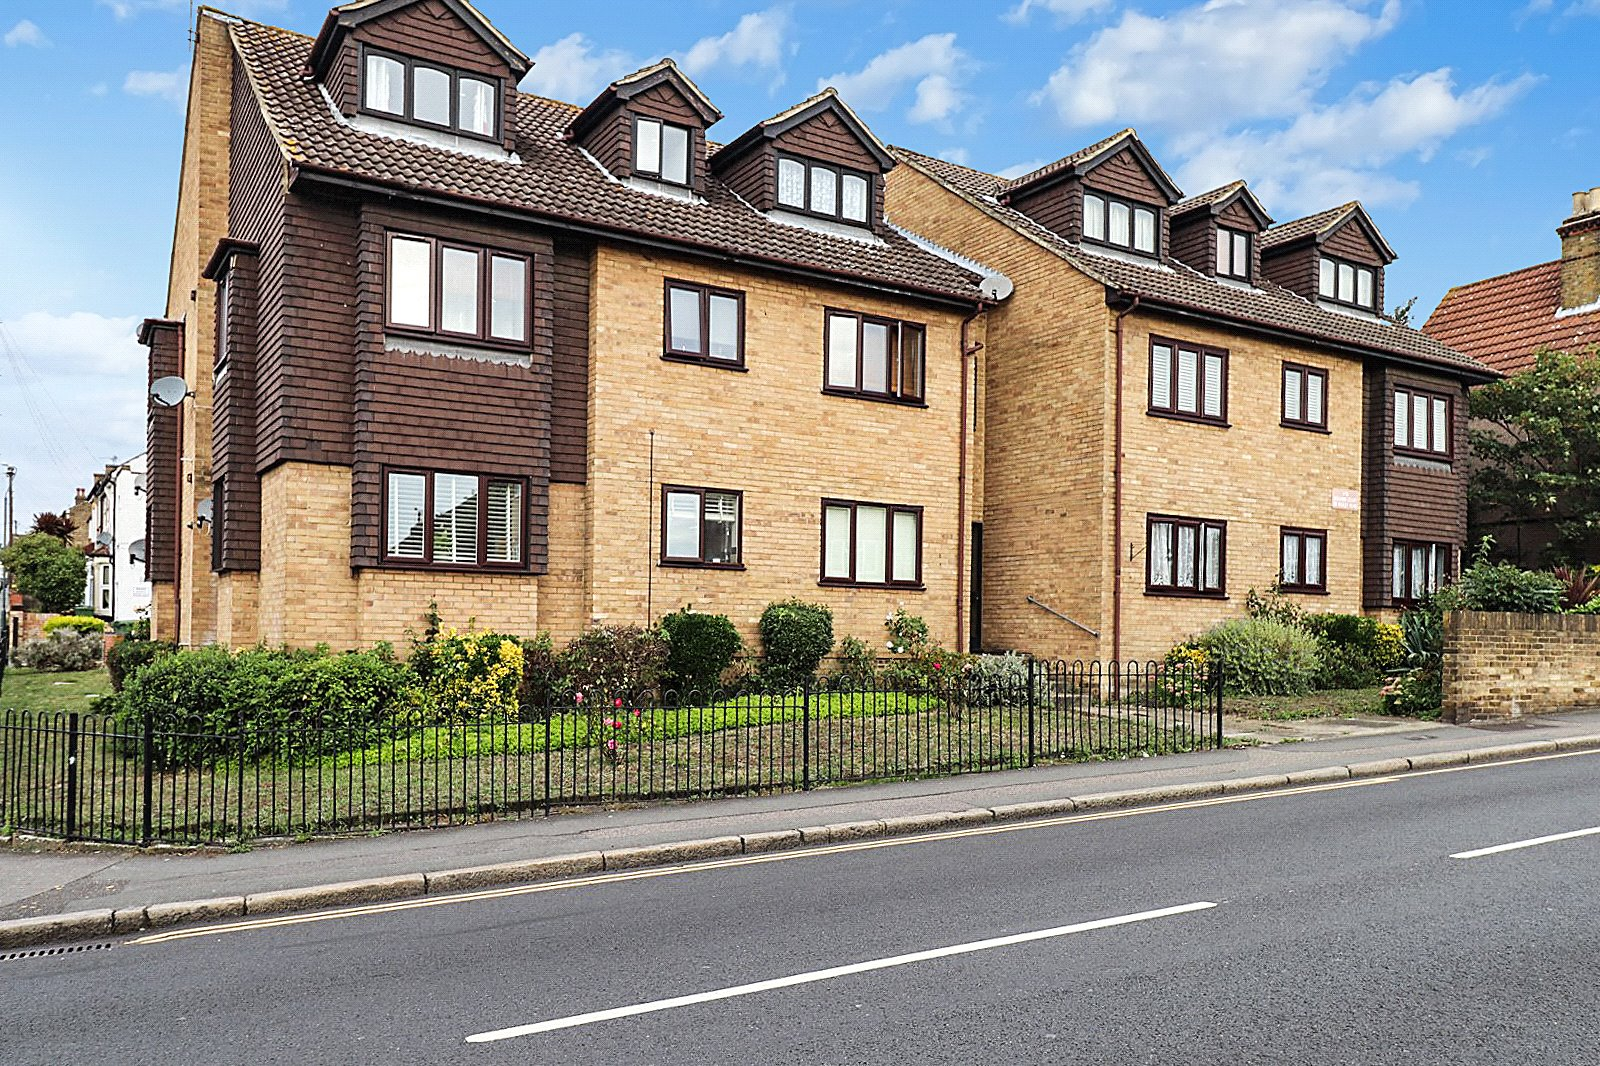 Benjamin Court, 88 Nuxley Road, Upper Belvedere, Kent, DA17